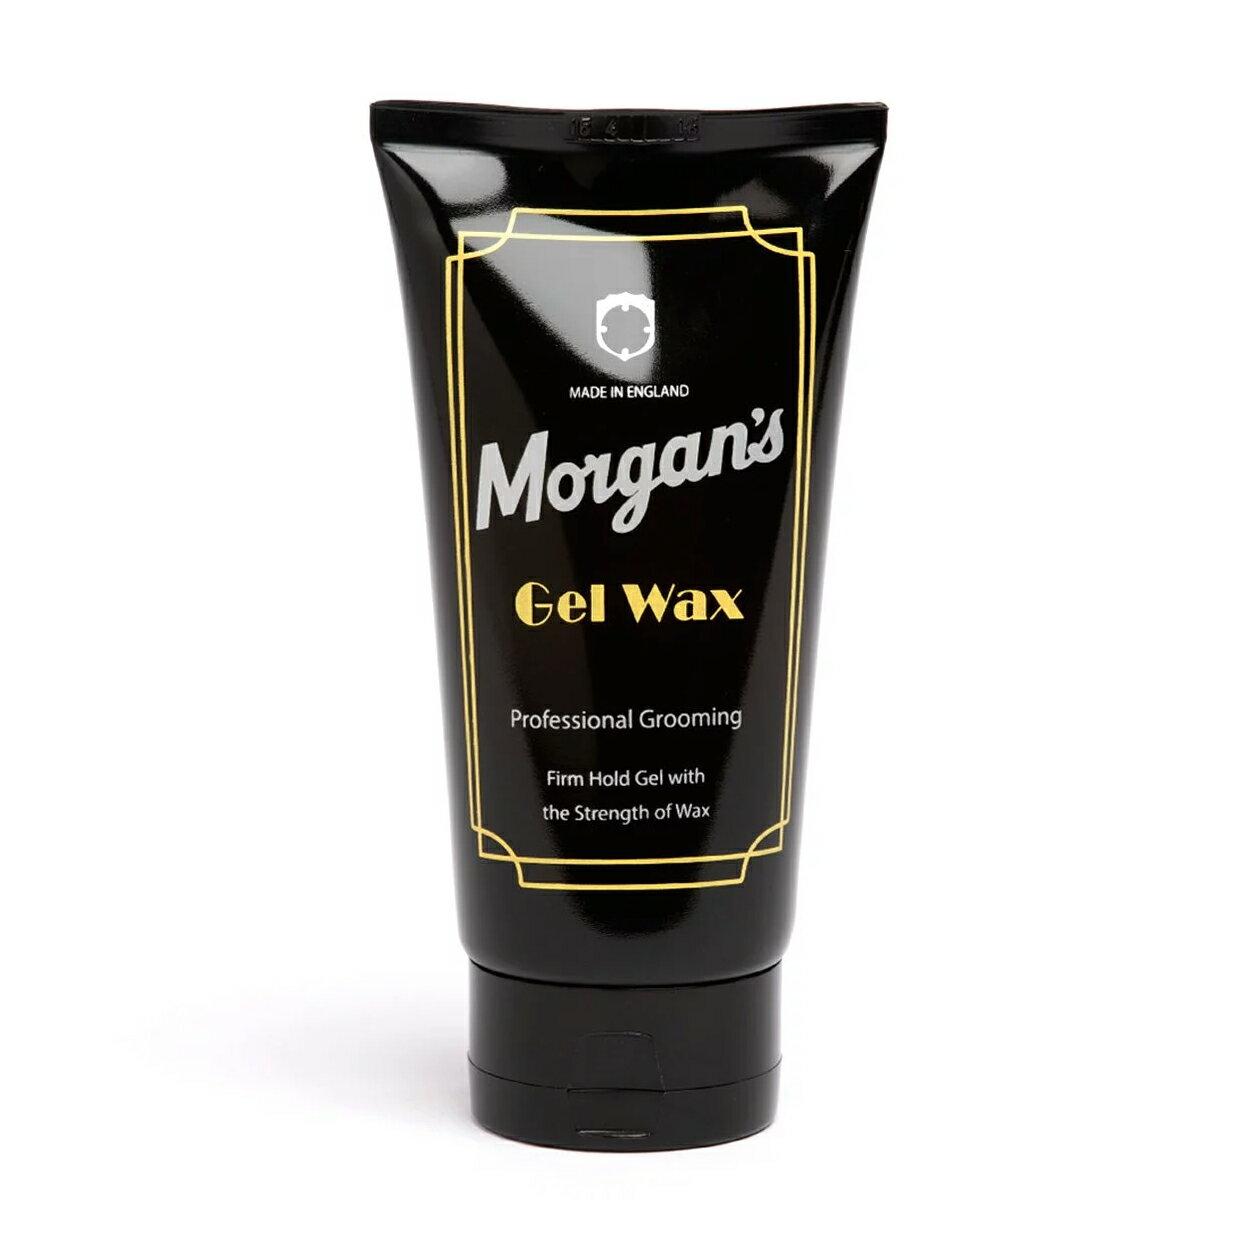 限時87折優惠➤【紳士用品專賣】英國 Morgan's Gel Wax 液態式 快速定型髮膠 / 髮油 / 髮蠟 / 髮泥